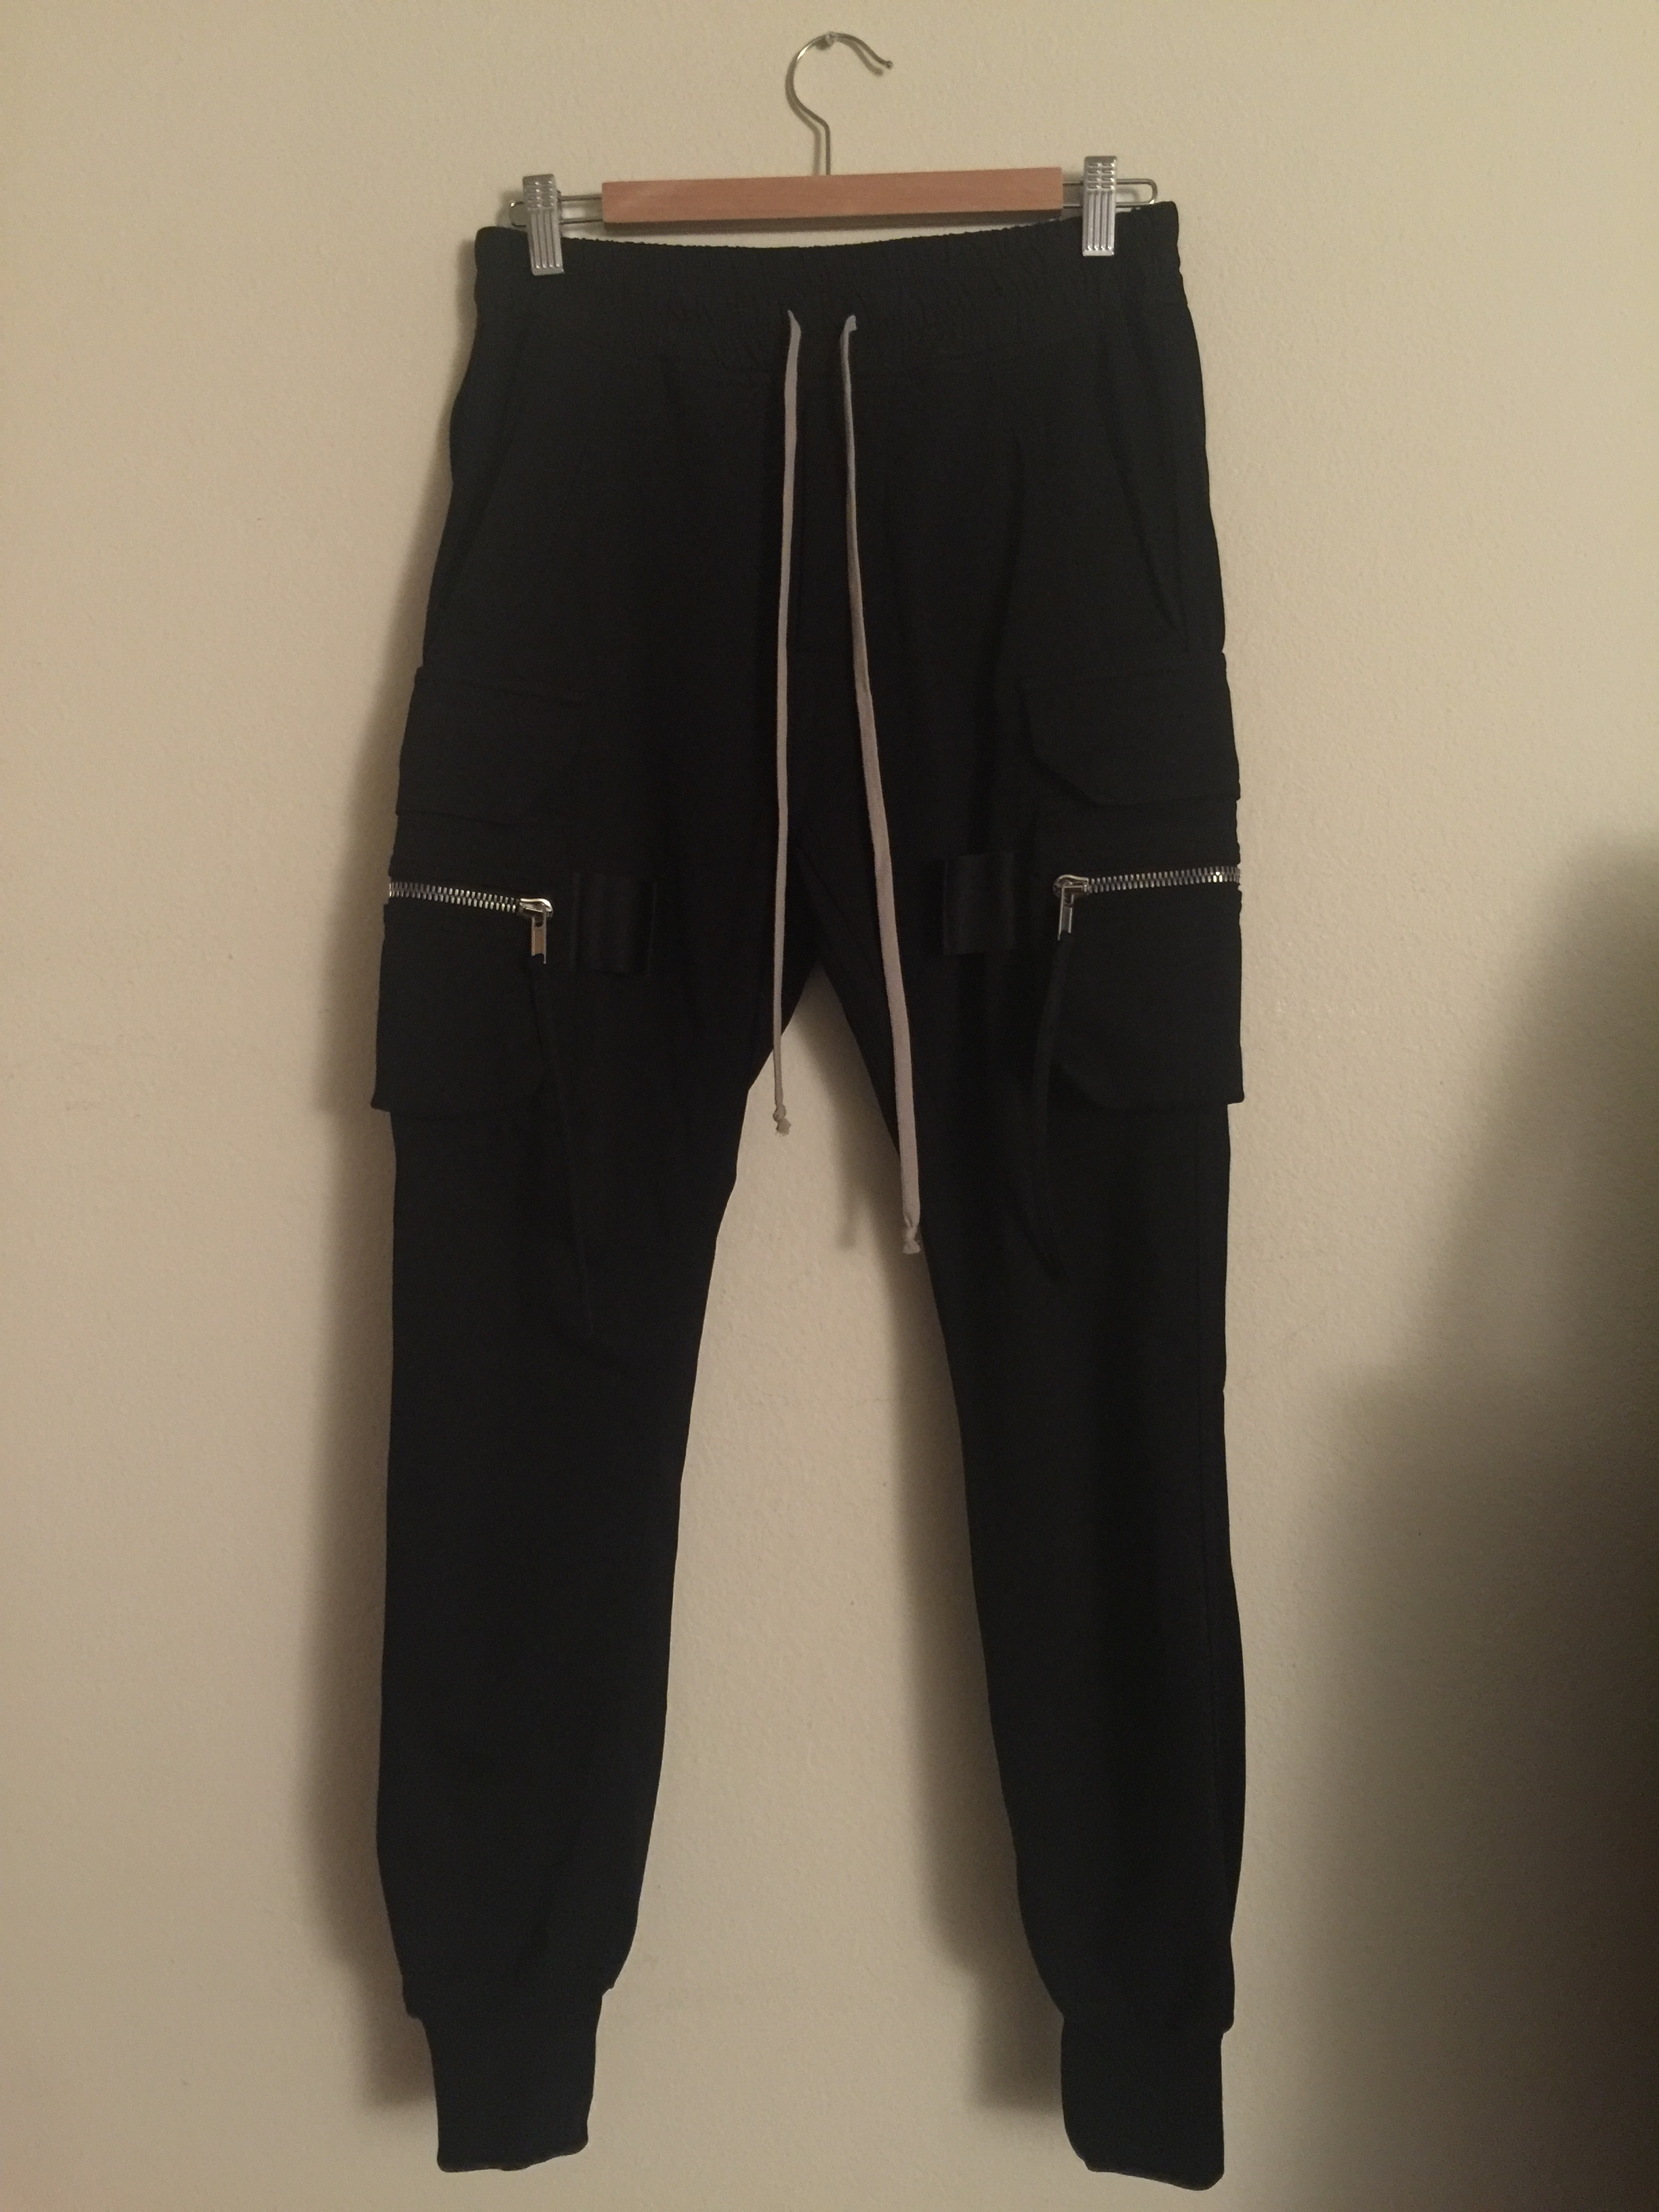 65cc9dc1712049 Rick Owens Cargo Jogger Jog Pants *last Price Drop* | Grailed